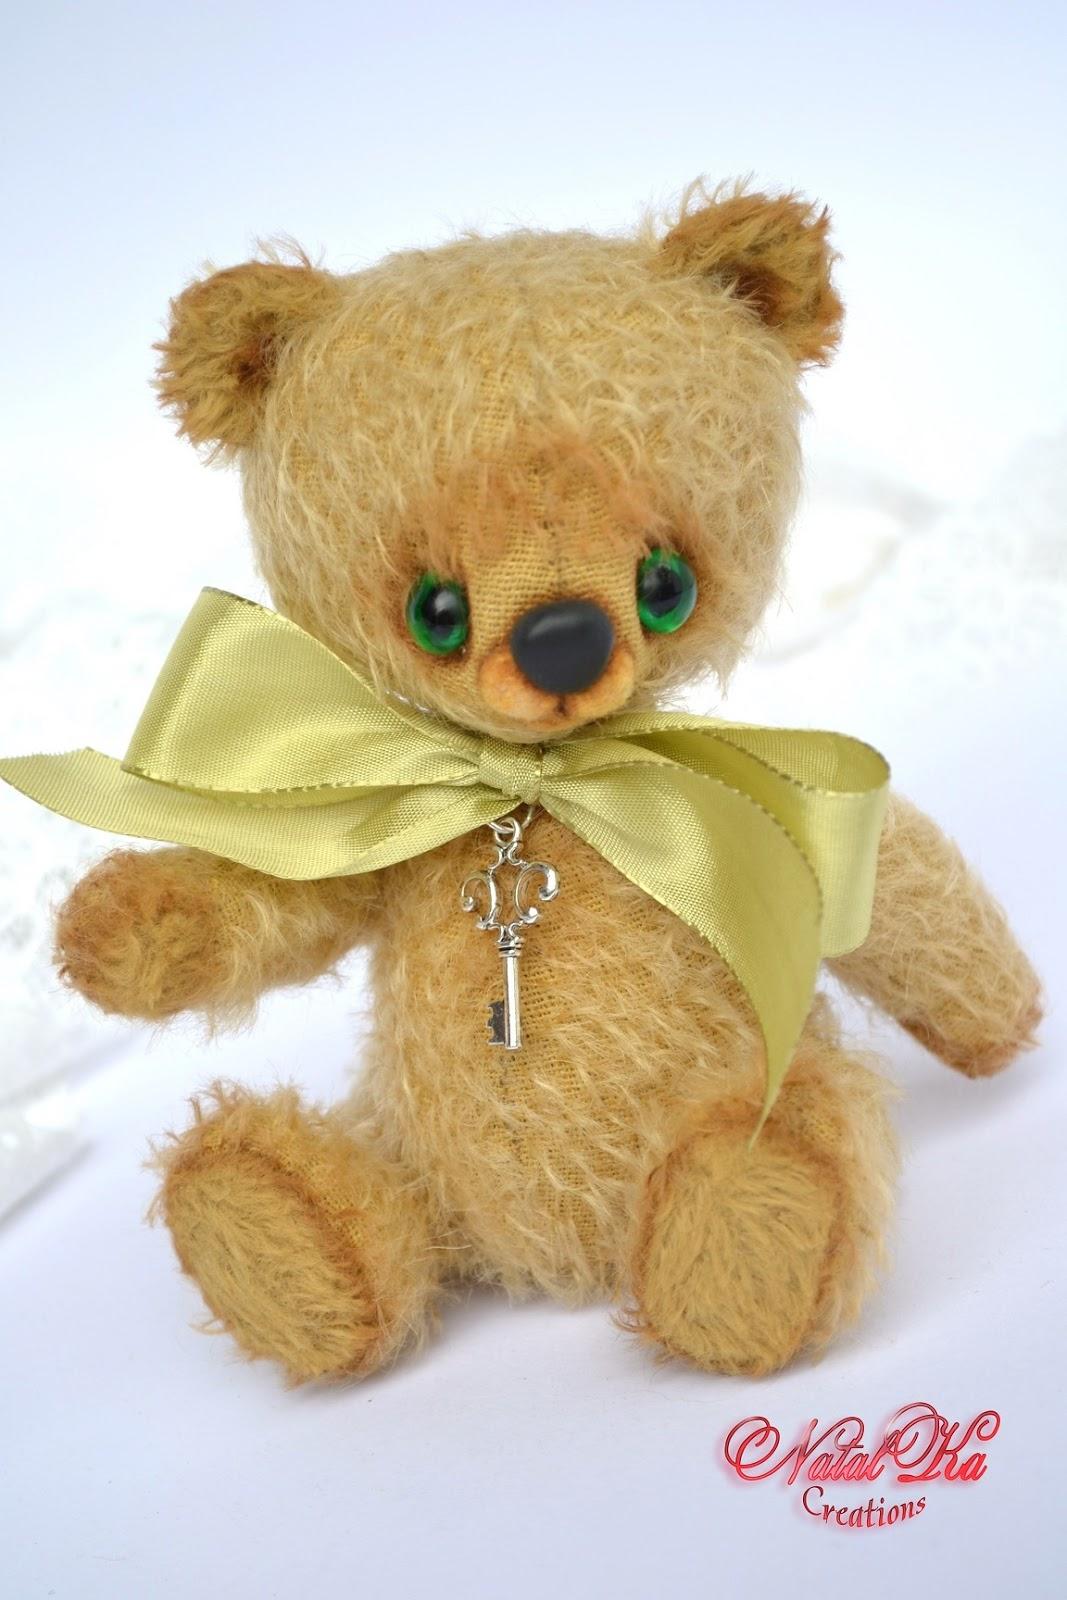 Künstlerbär Teddybär Bär Teddy handgefertigt von NatalKa Creations. Artist teddy bear handcrafted by NatalKa Creations